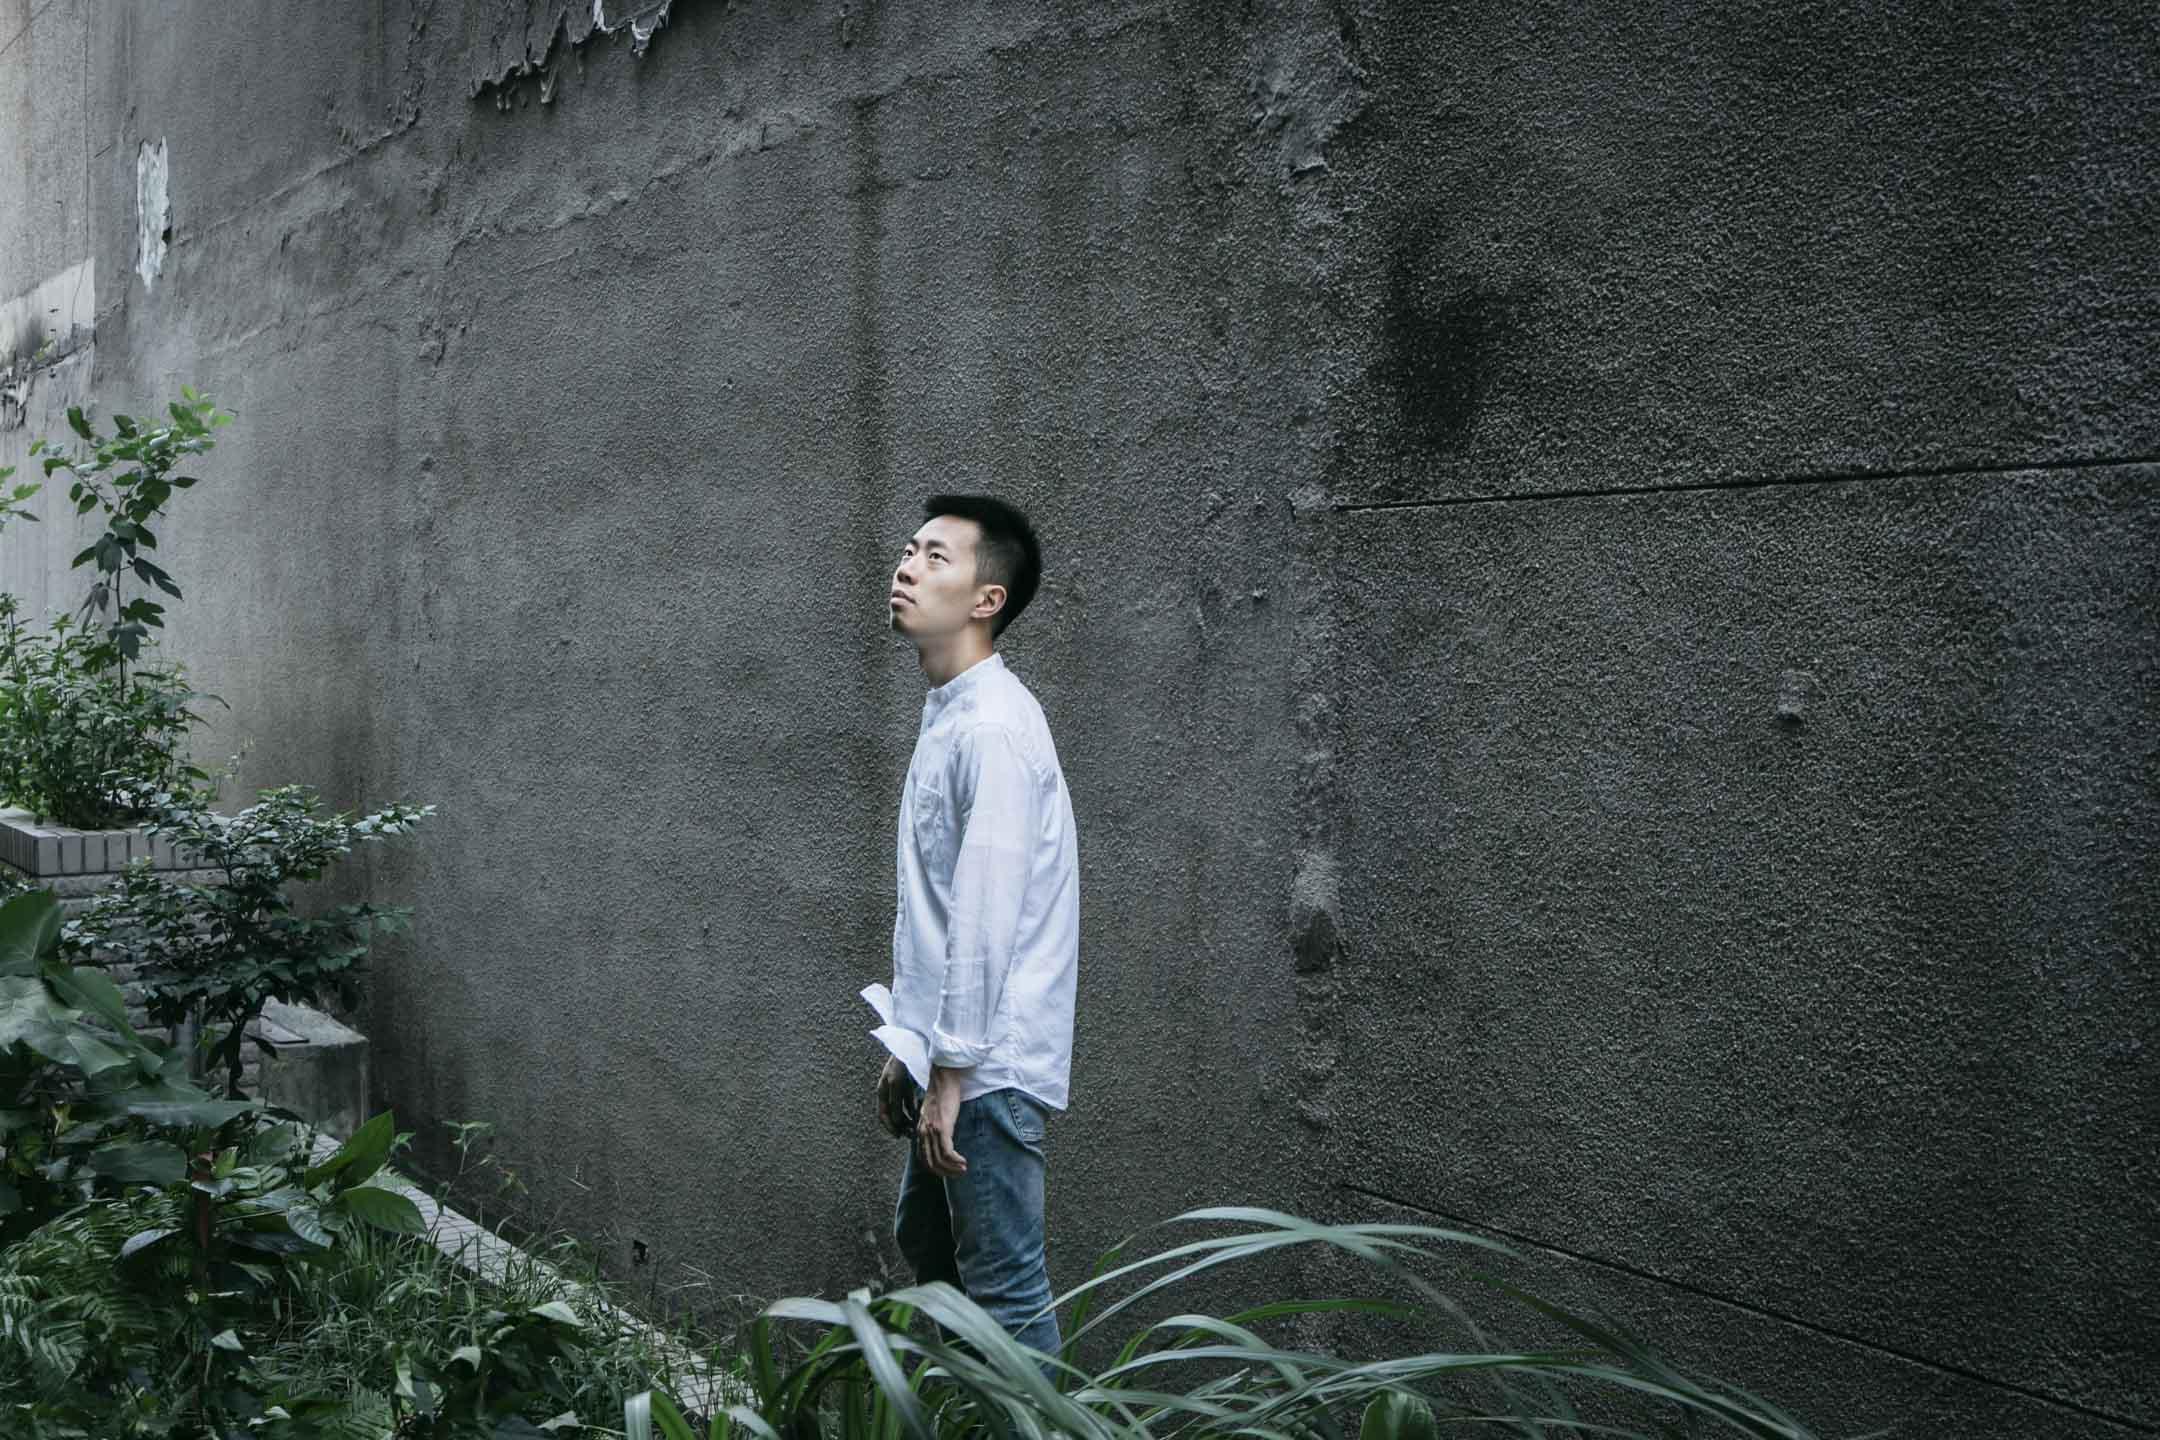 鄭興在揚州出生,在北京讀大學,隨後前往台北念研究生。2017 年 8 月,歷時一年製作,鄭興發行首張創作專輯《忽然有一天,我離開了台北》,並入圍第29屆台灣金曲獎「最佳國語專輯」及「最佳新人」。 攝:汪正翔/端傳媒